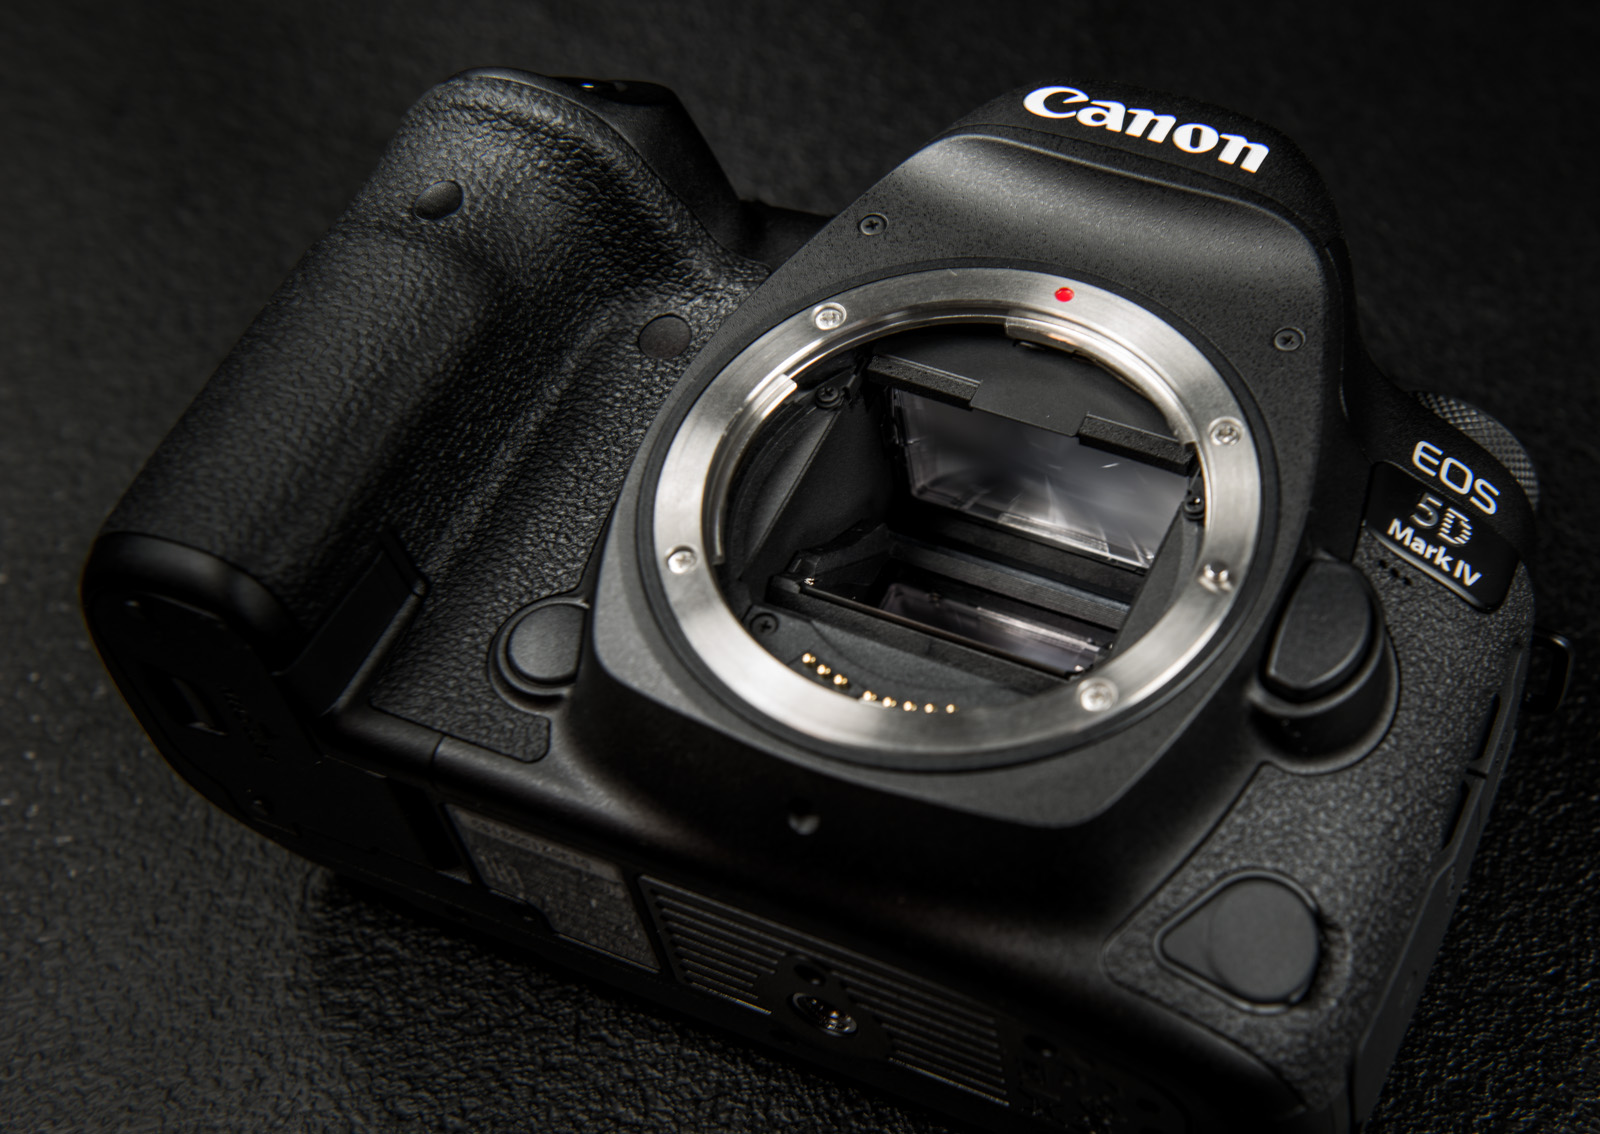 ads_5330-canon-eos-5d-mark-iv-kere